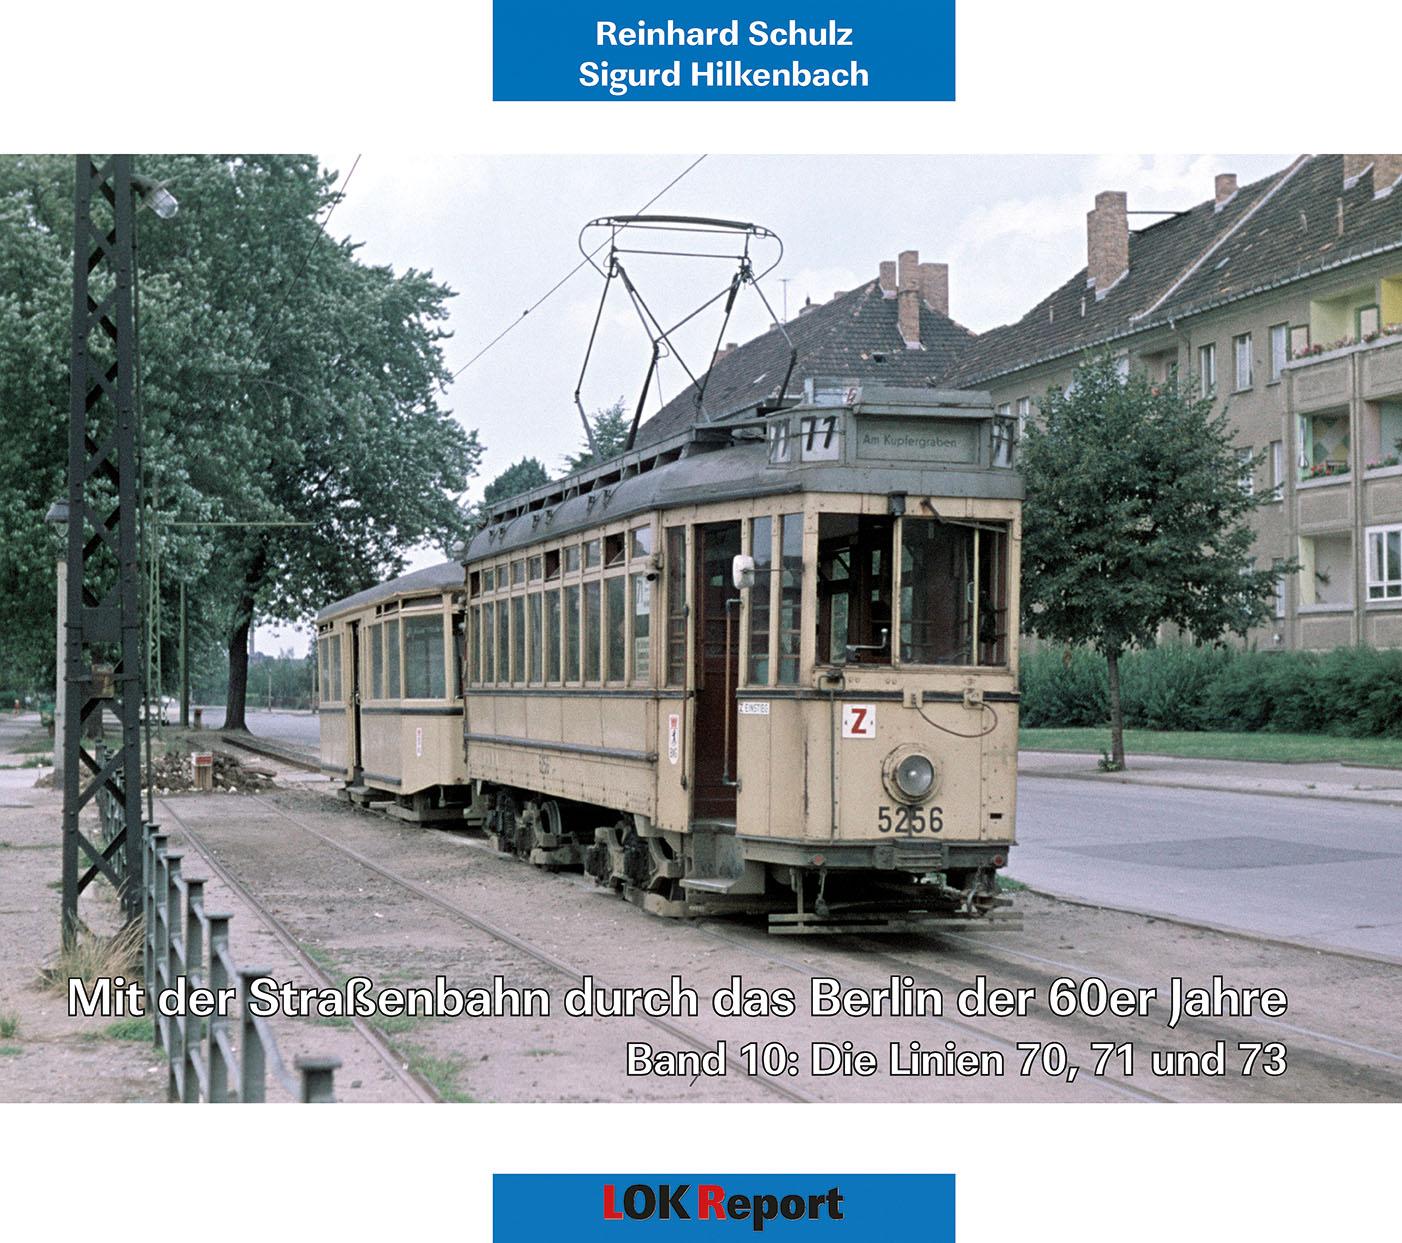 Mit der Strassenbahn durch das Berlin der 60er Jahre Band 10